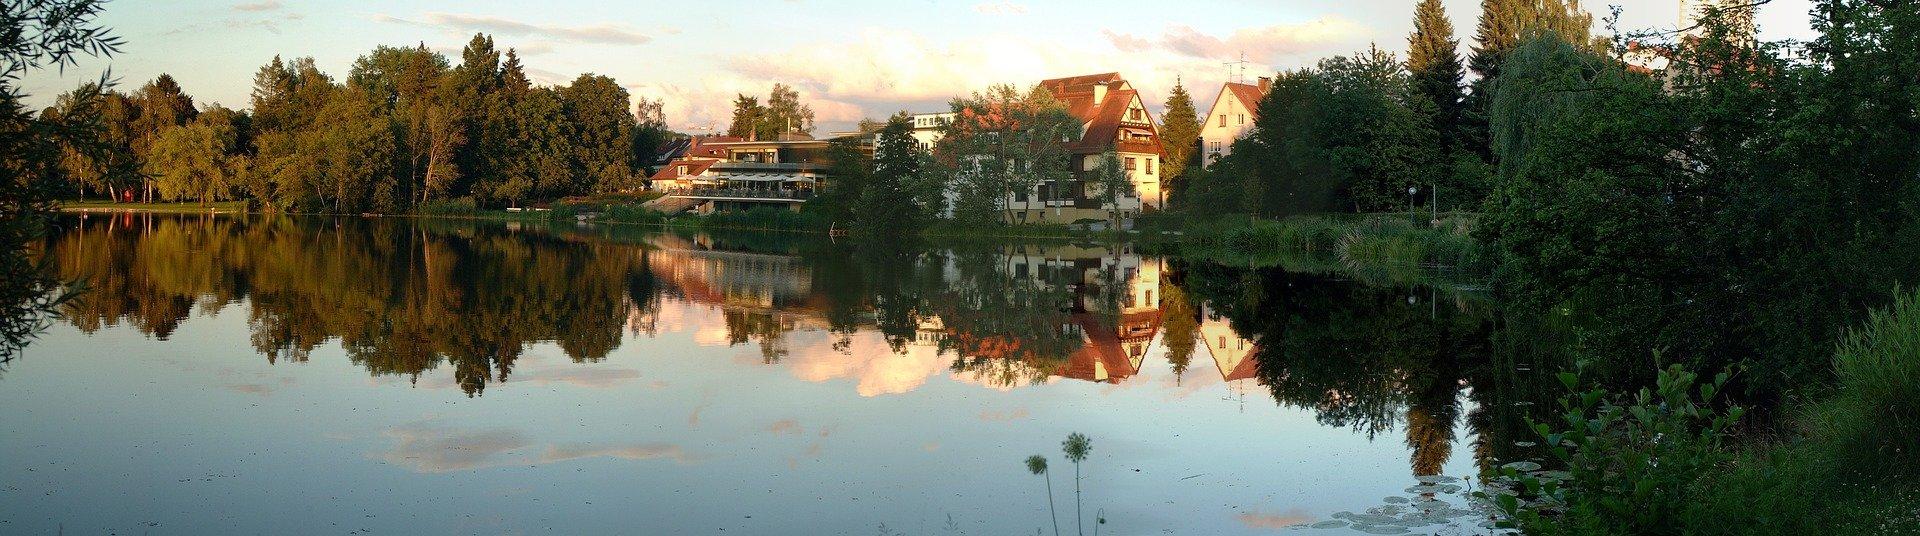 Bild zeigt den Stadtsee Bad Waldsee, in der unsere SEO Agentur tätig ist